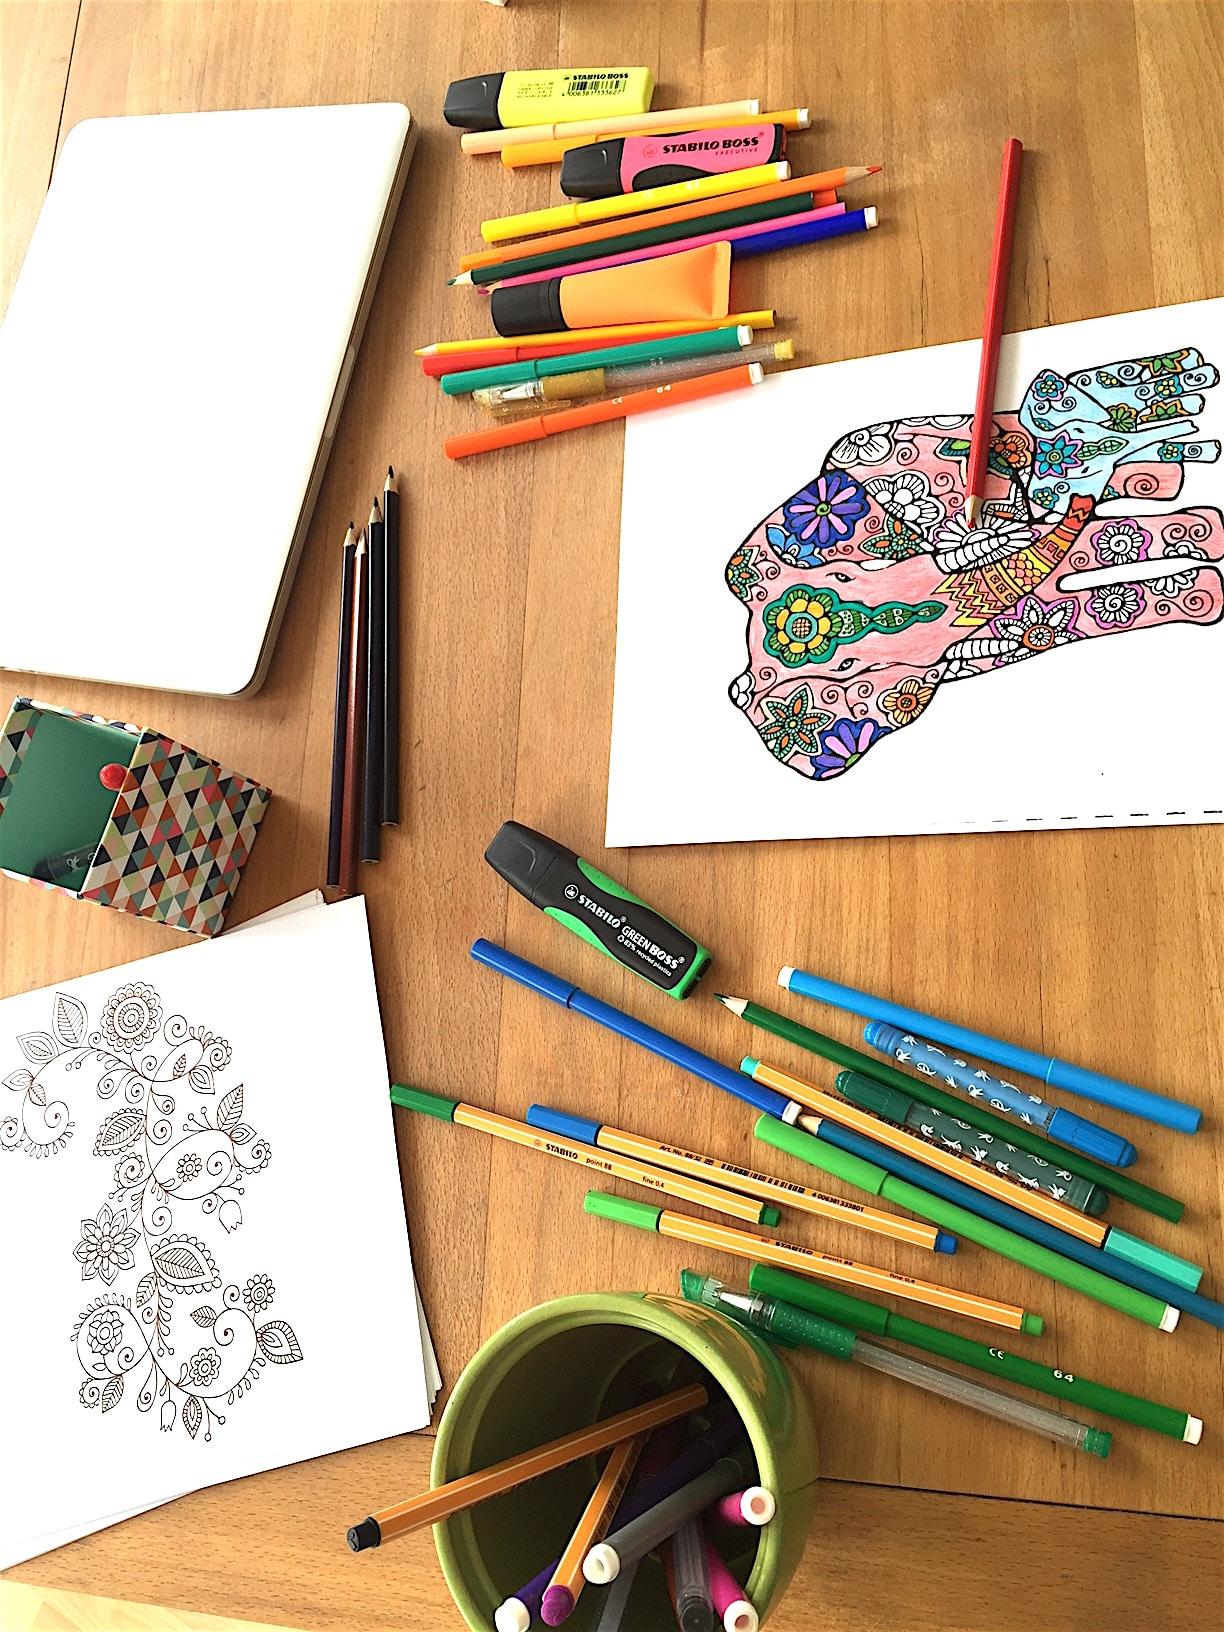 Wirkung eines Mandalas // ENTSPANNUNG Mandala malen für Erwachsene #MANDALA #MALEN #KINDER #ENTSAPANNUNG Mandala malen für Erwachsene als Entspannung (Anleitung, Video und DIY)Das Beste, was es für die Seele gibt, um ruhig zu werden, zu entspannen. Stress abbauen und dabei den Kopf freizumachen. Mandala malen ist gut für Erwachsene, für Kinder, aber besonders auch für Senioren. Die Anleitung und auch Mandala DIY Videos zum selber Mandala erstellen findest du in diesem ausführlichen Blogpost.